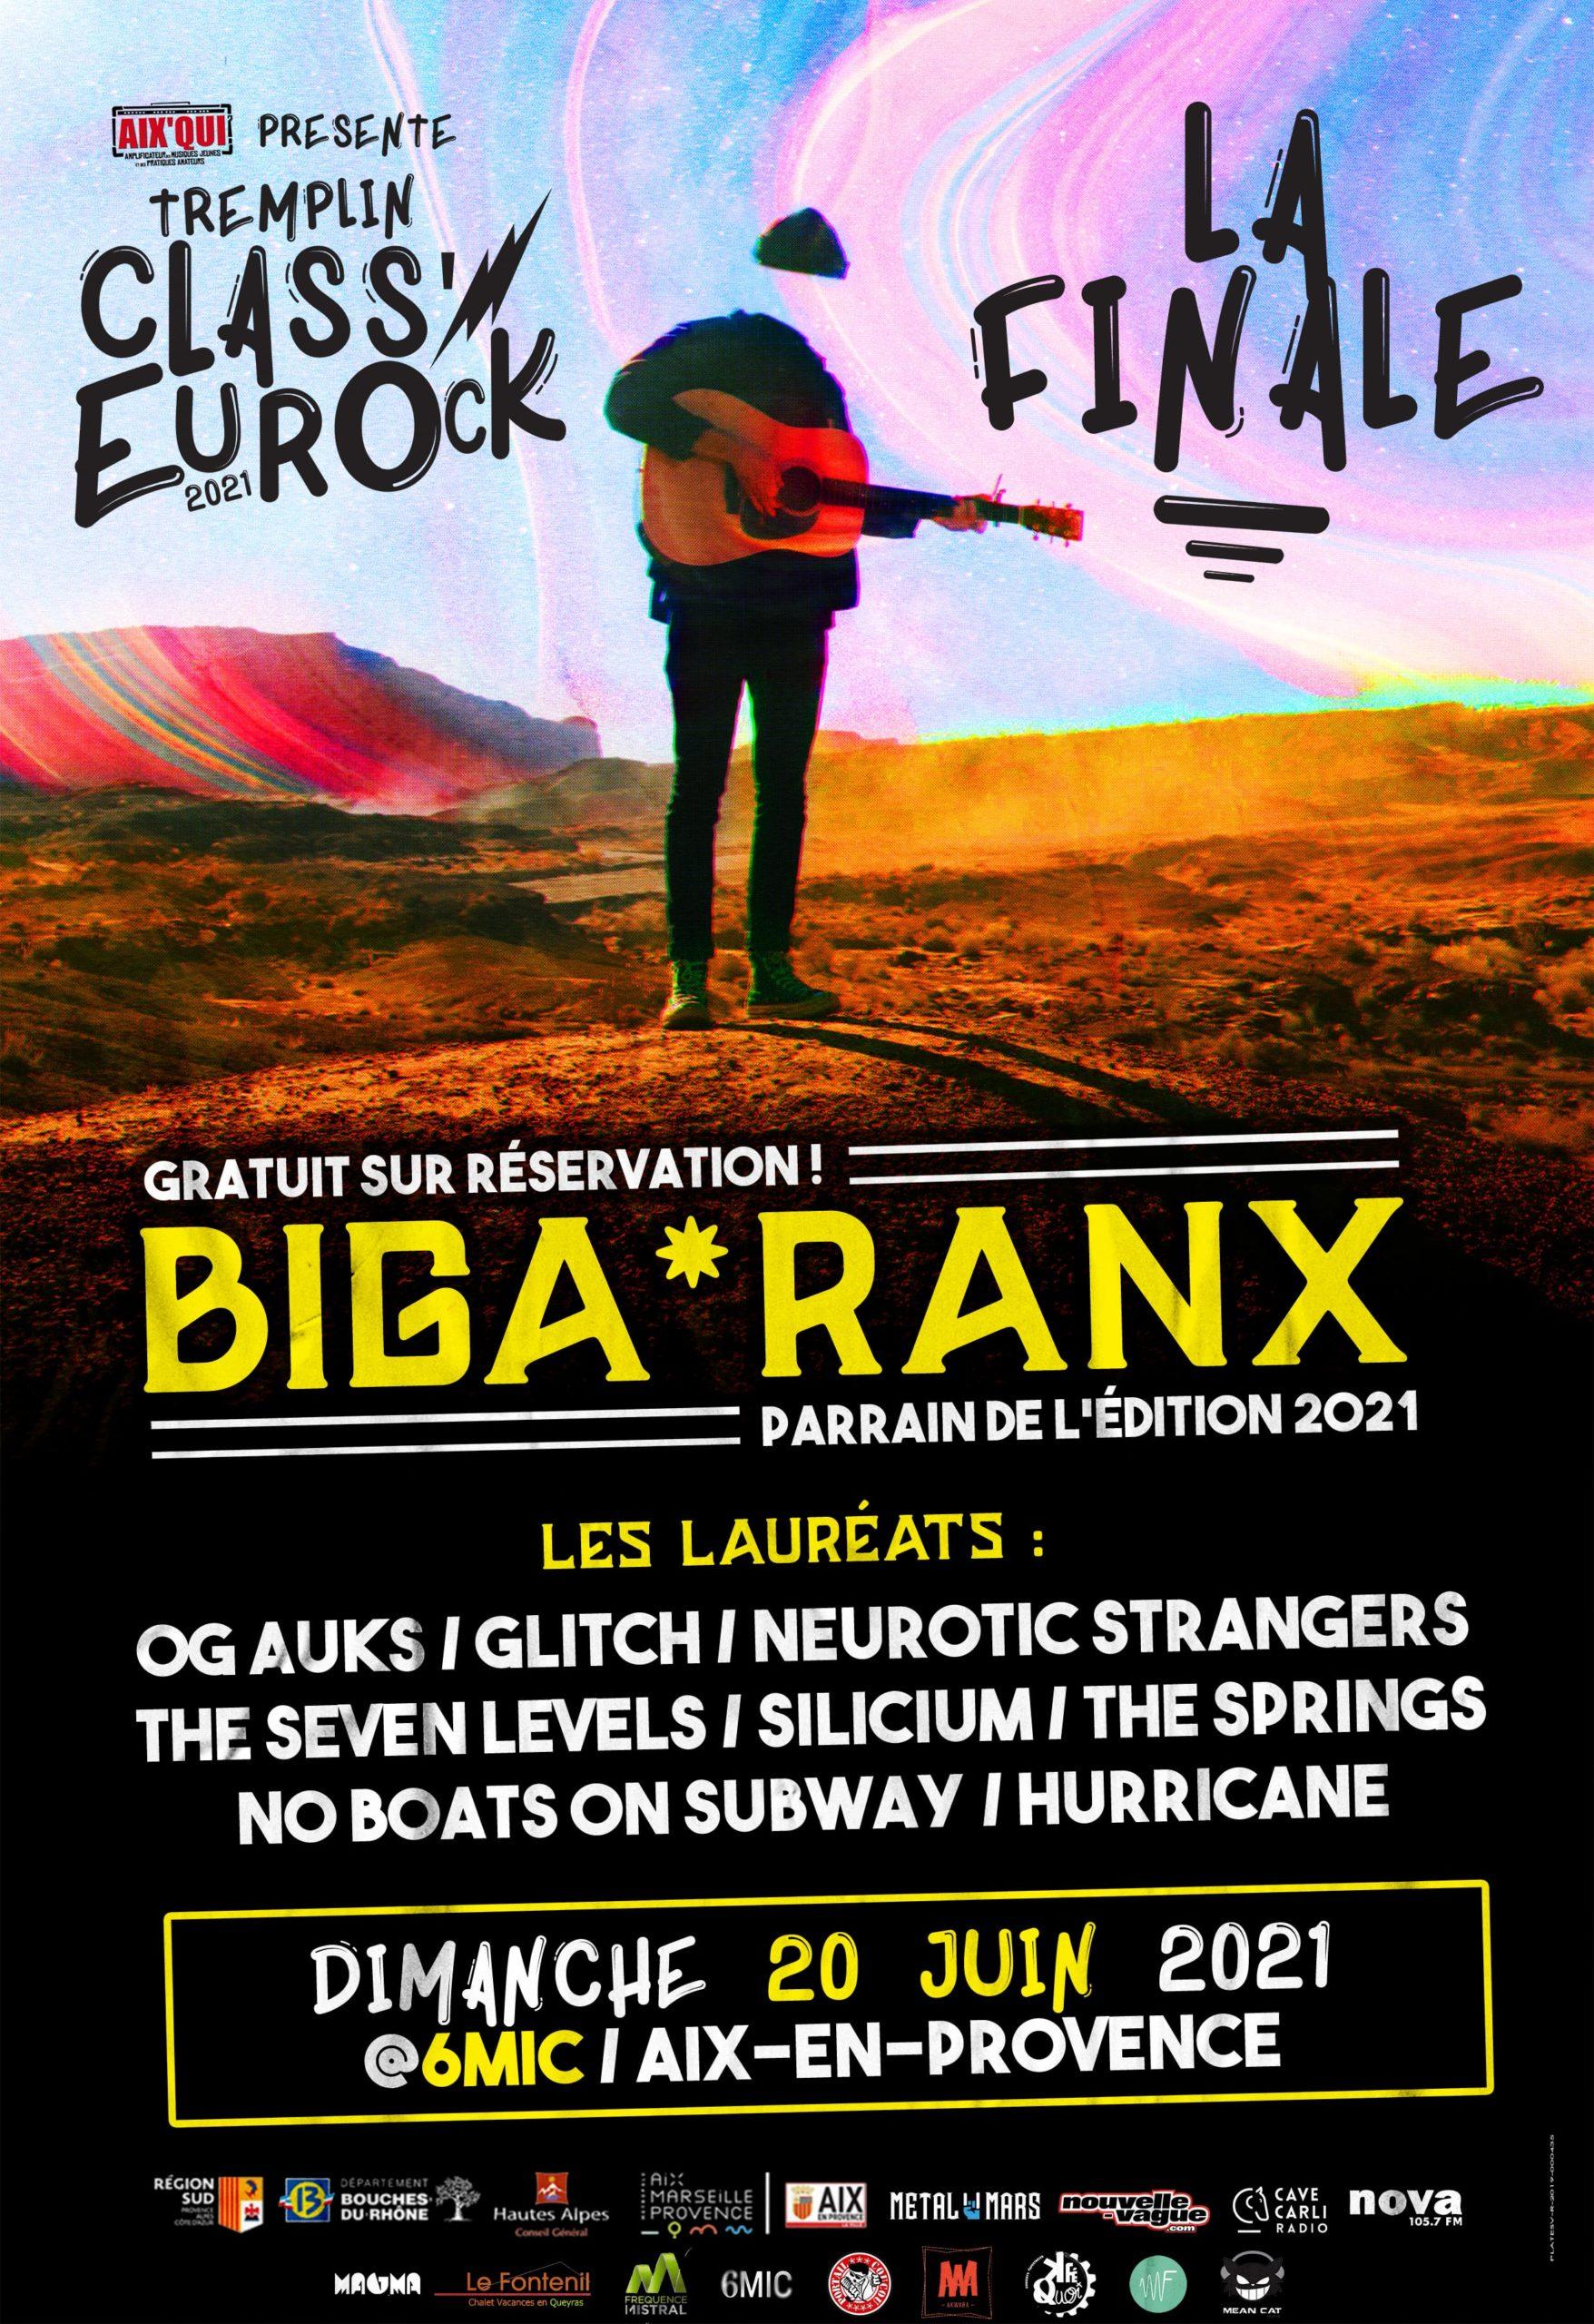 Affiche Grand Final Class'eurock-min